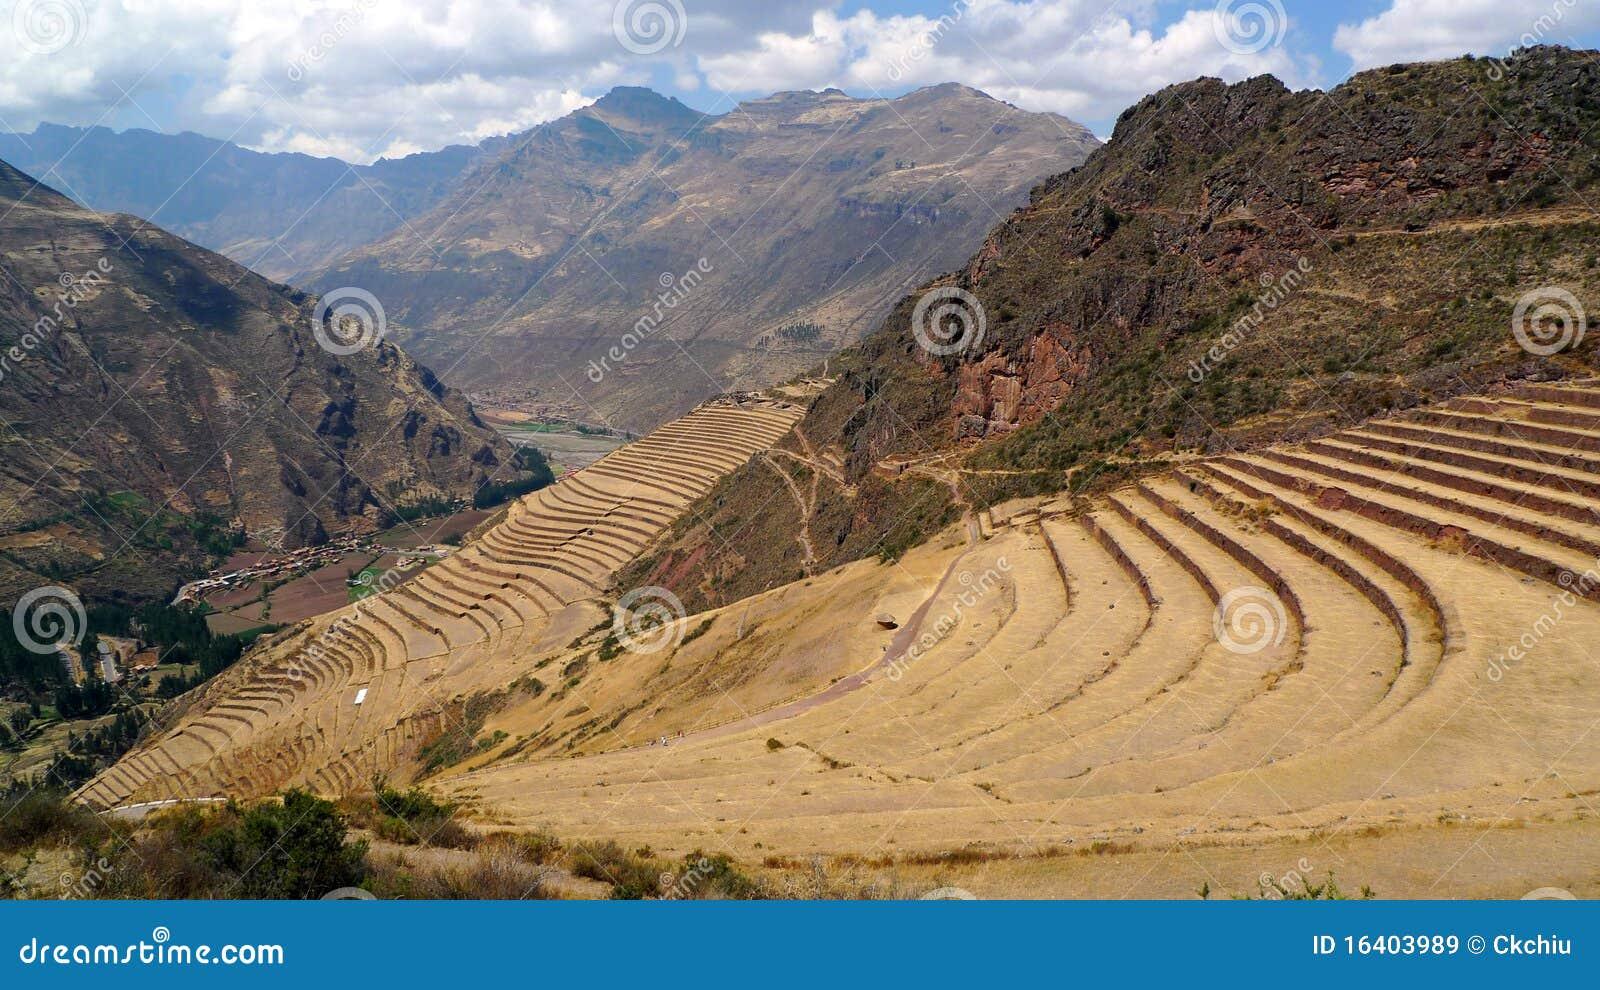 Terrazas Agrícolas Históricas En Perú Imagen De Archivo